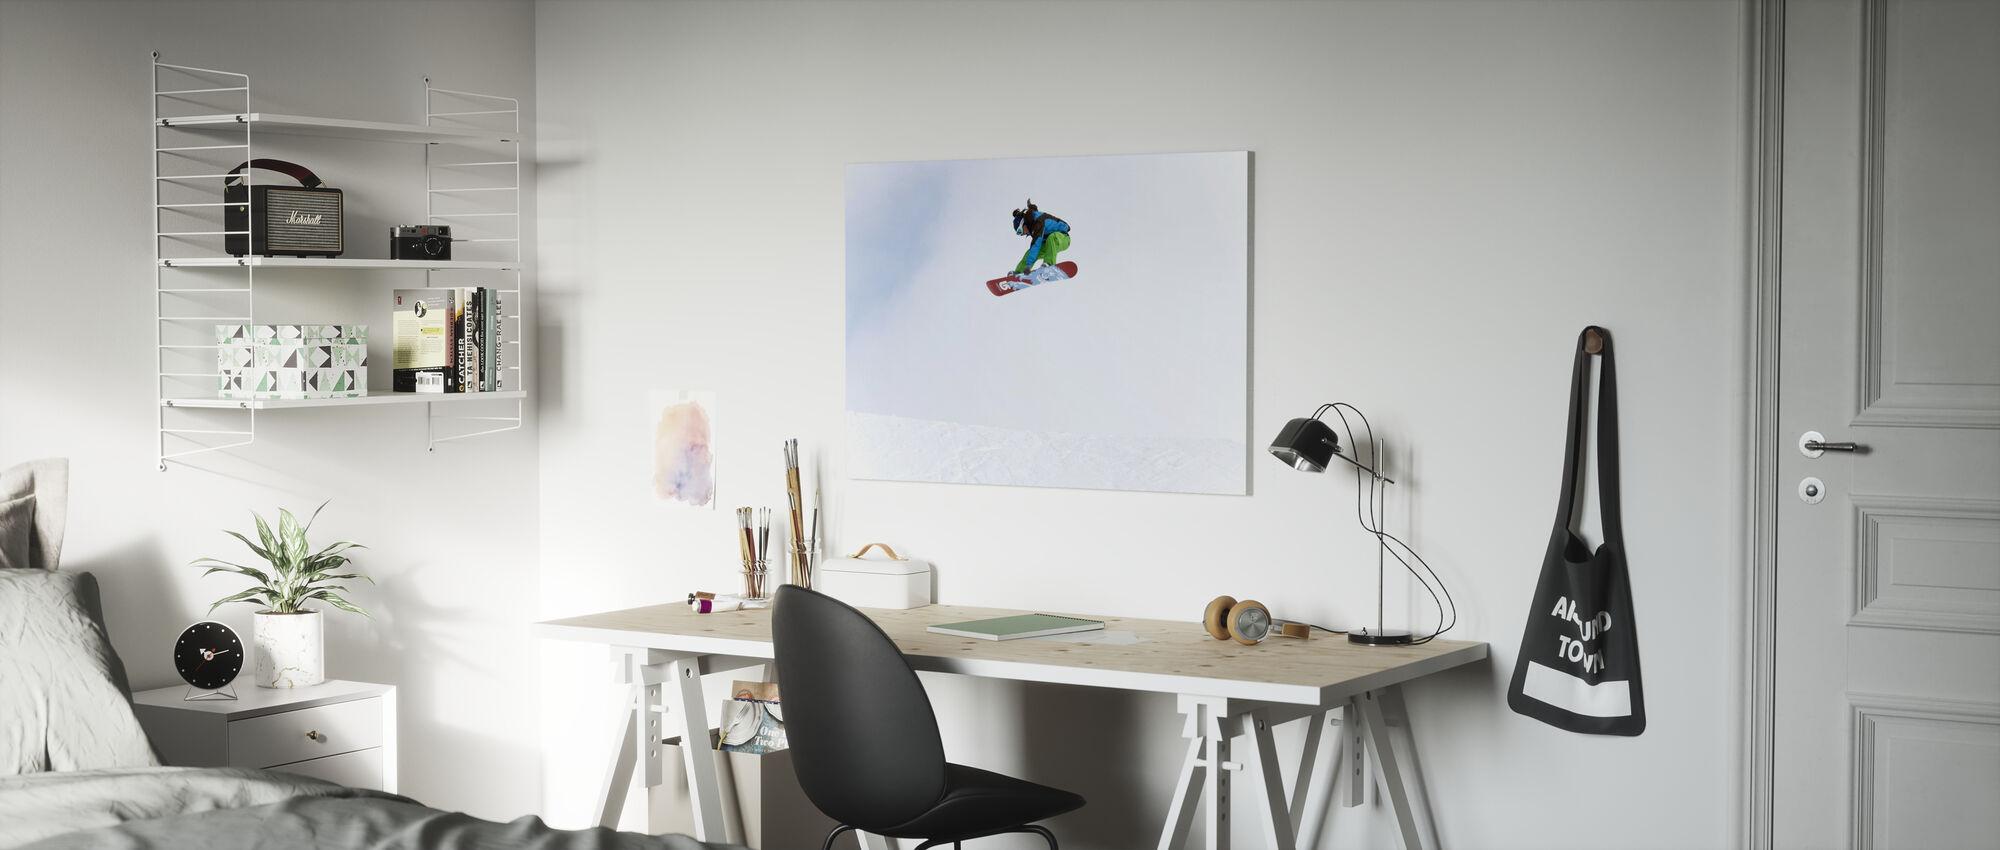 High Air Snowboarding - Canvas print - Kids Room